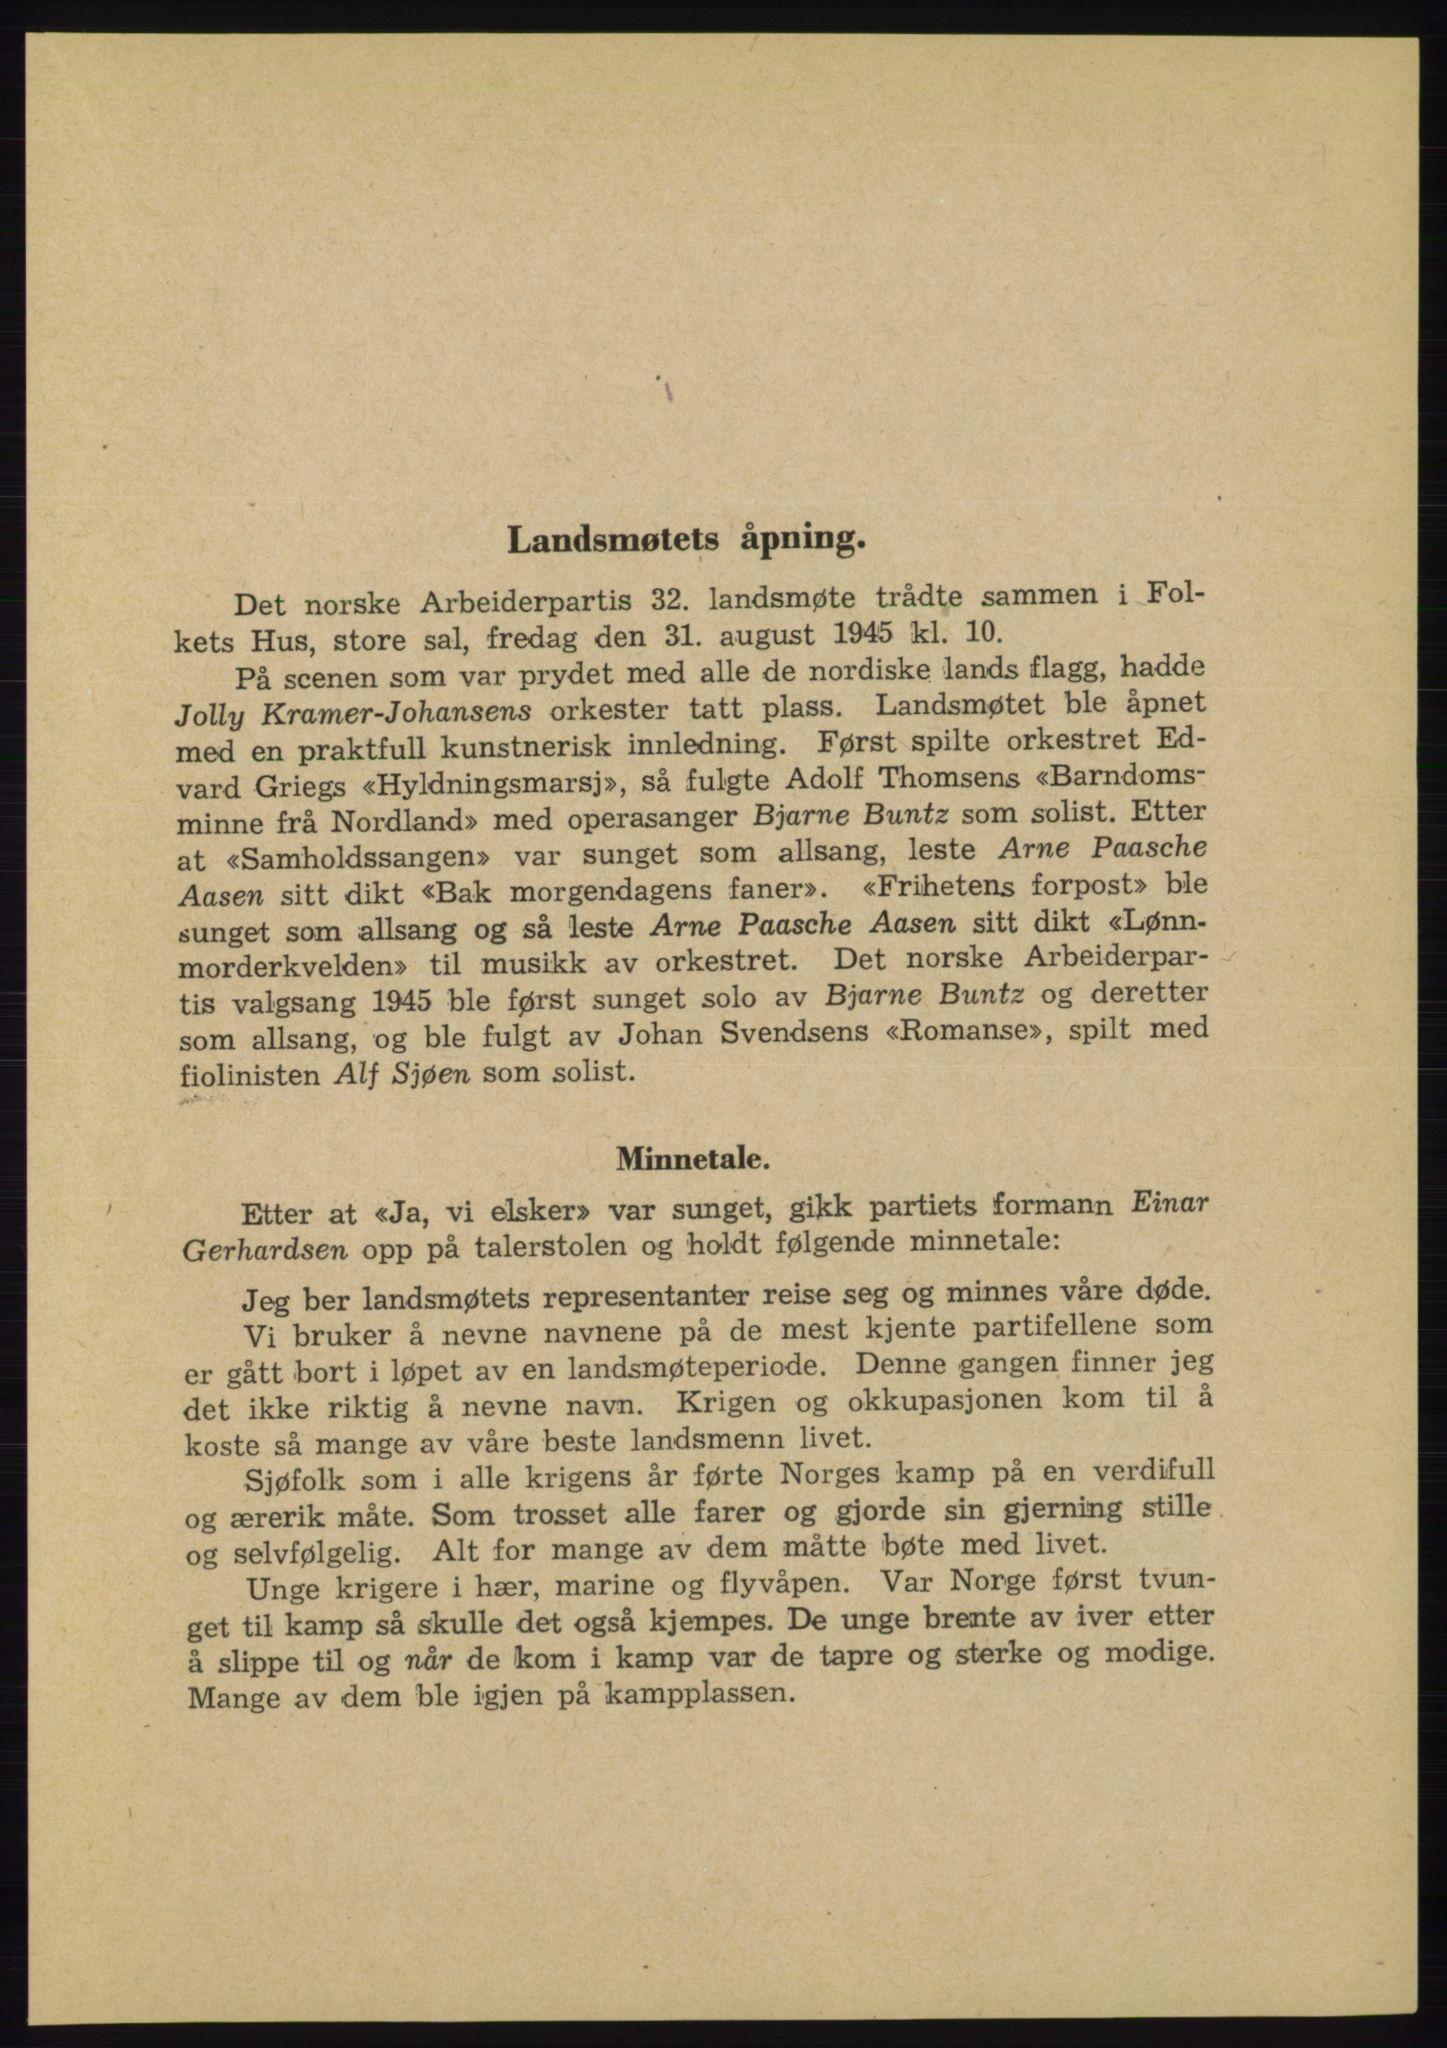 AAB, Det norske Arbeiderparti - publikasjoner, -/-: Protokoll over forhandlingene på landsmøtet 31. august og 1.-2. september 1945, 1945, p. 7